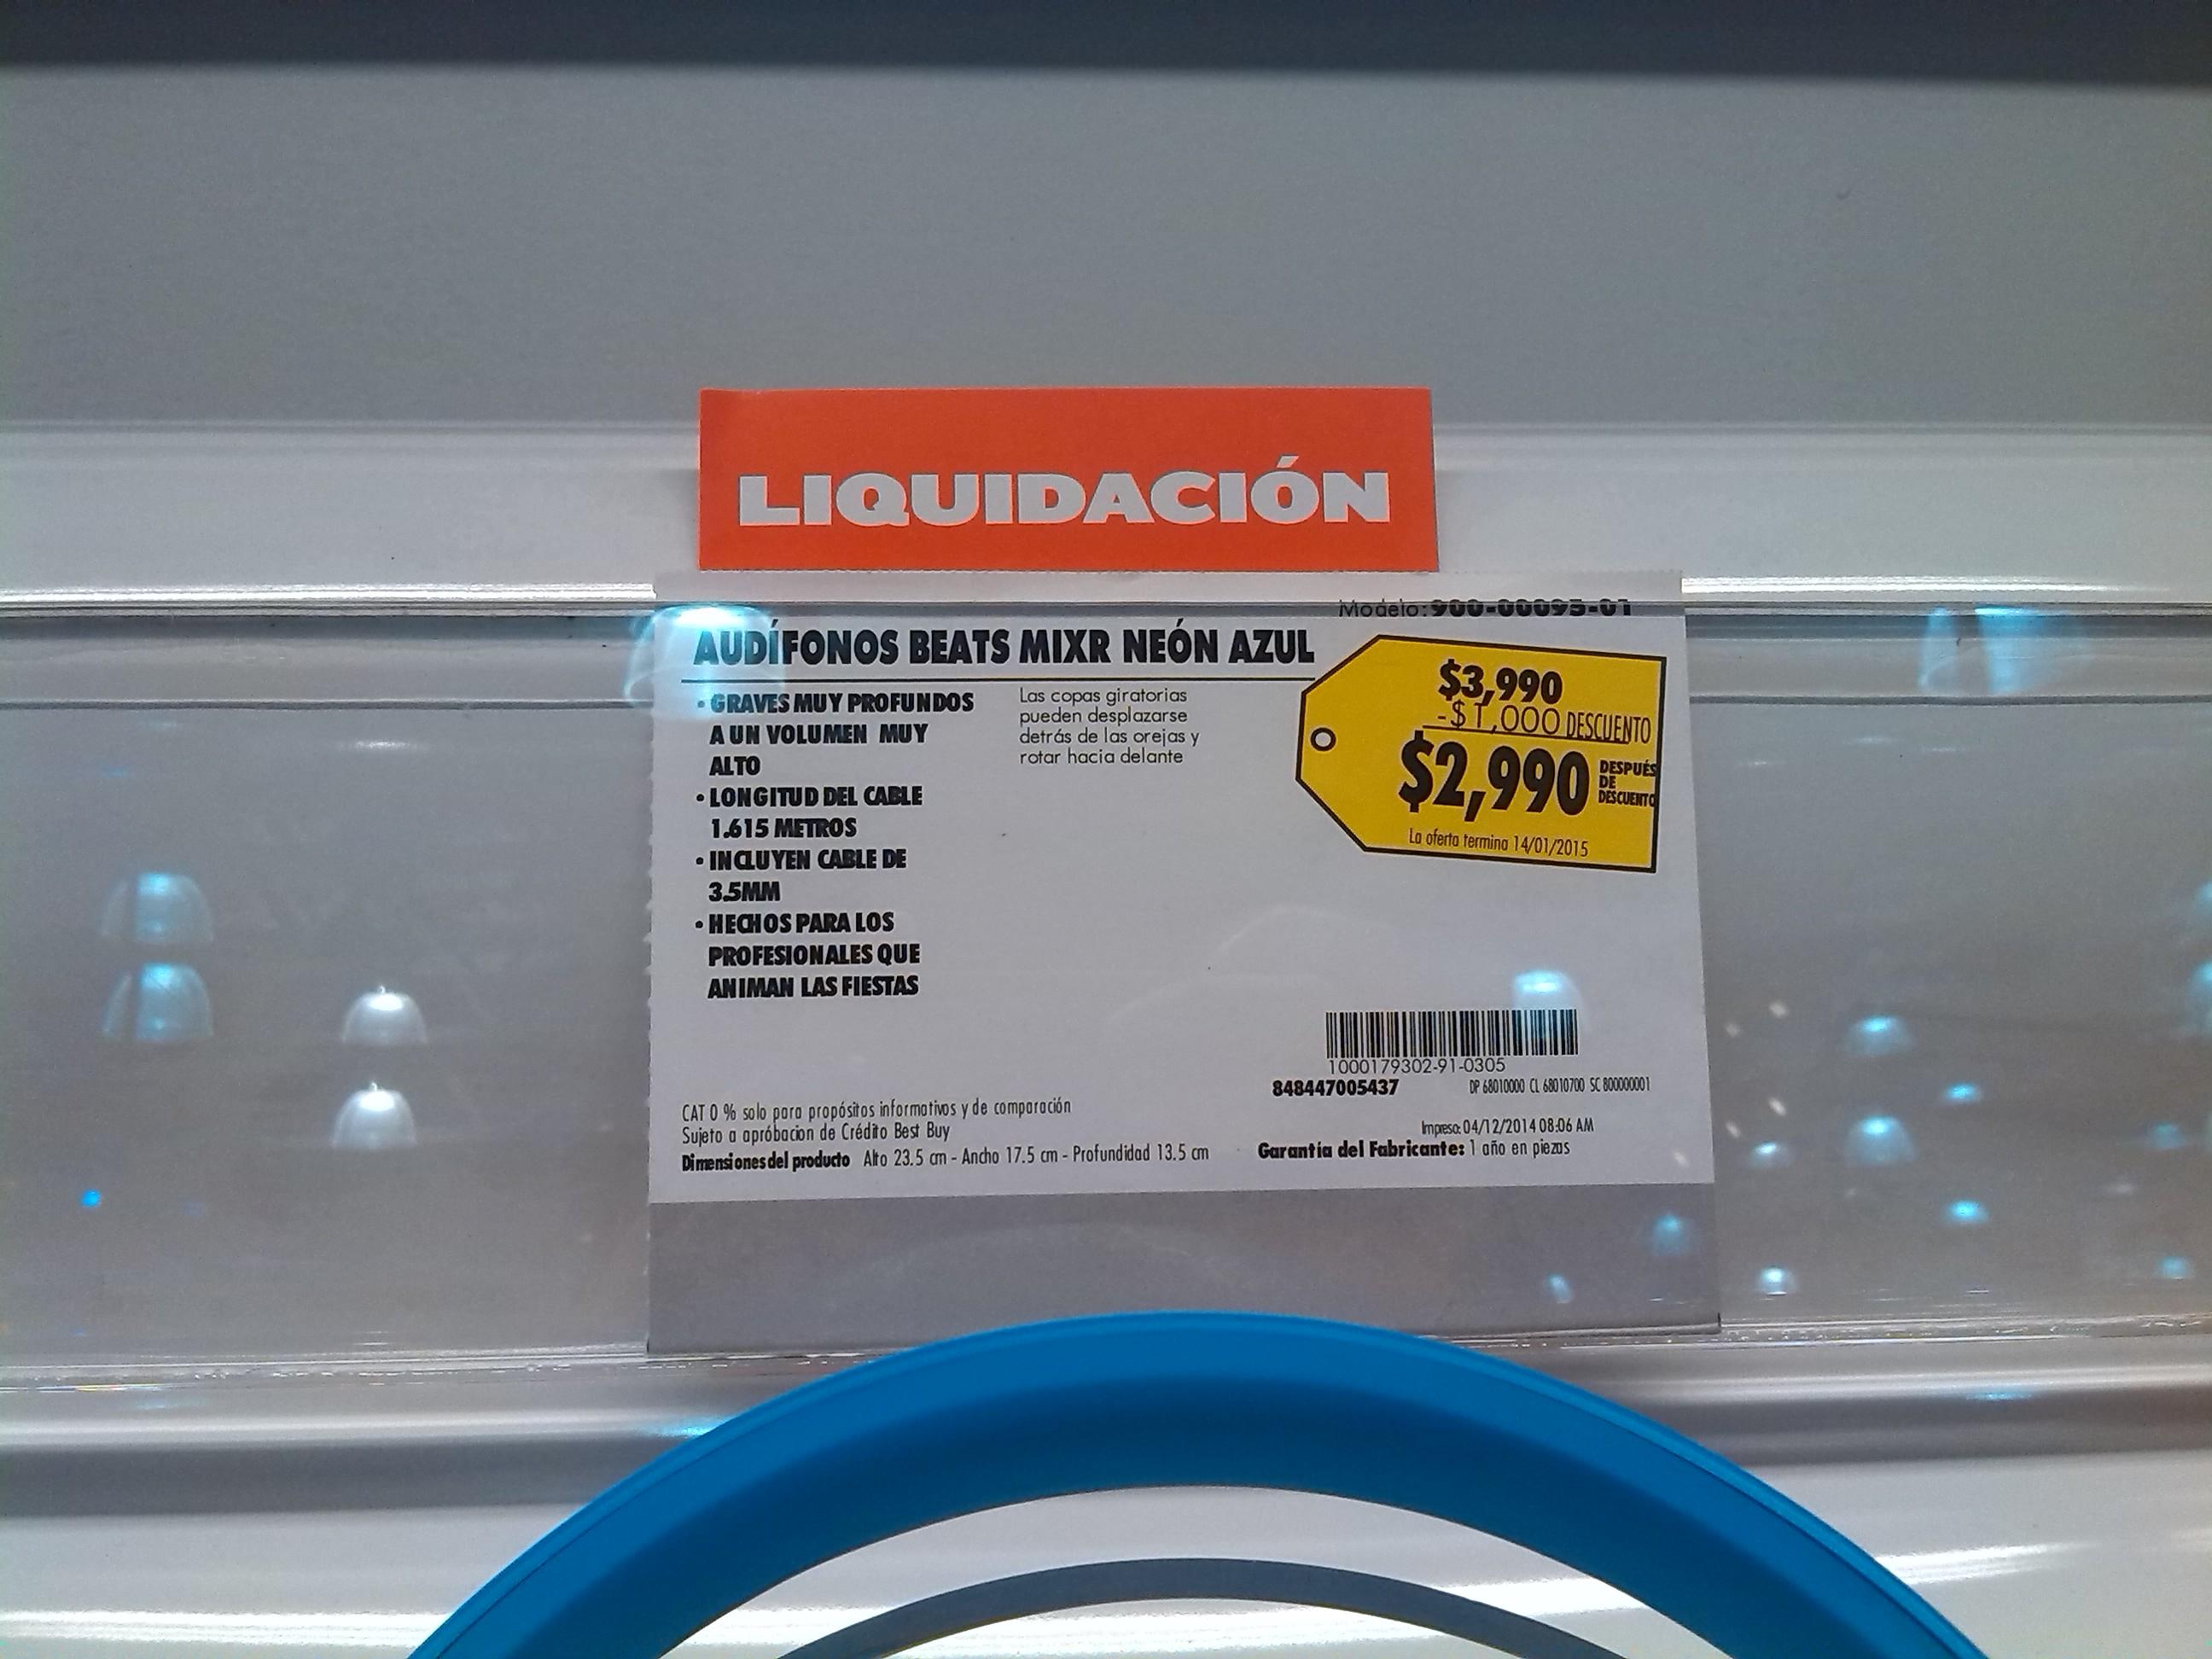 Best Buy: Audifonos beats MIXR neon $2,990